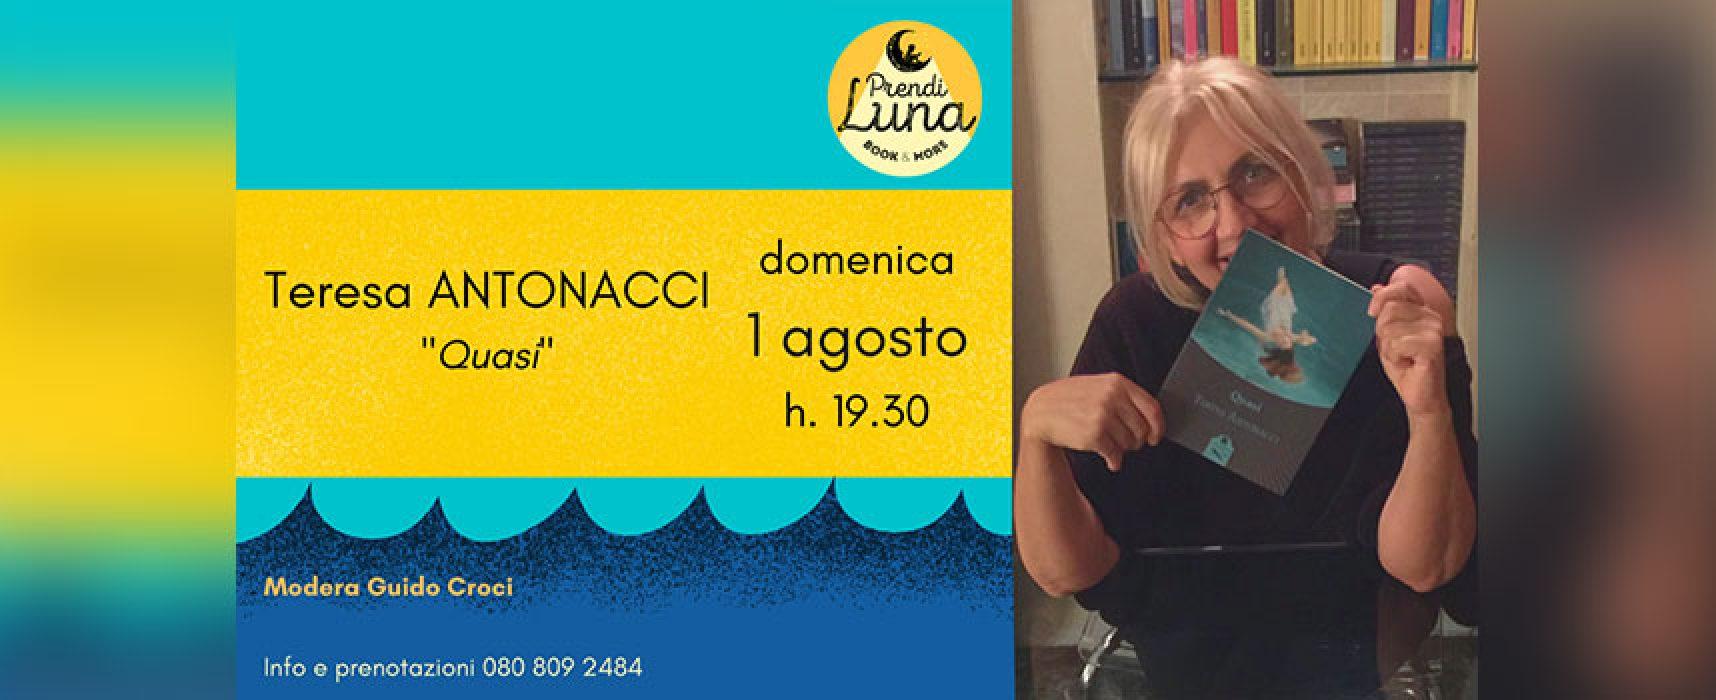 """""""Prendi Luna book & more""""  ospita la scrittrice molfettese Teresa Antonacci"""